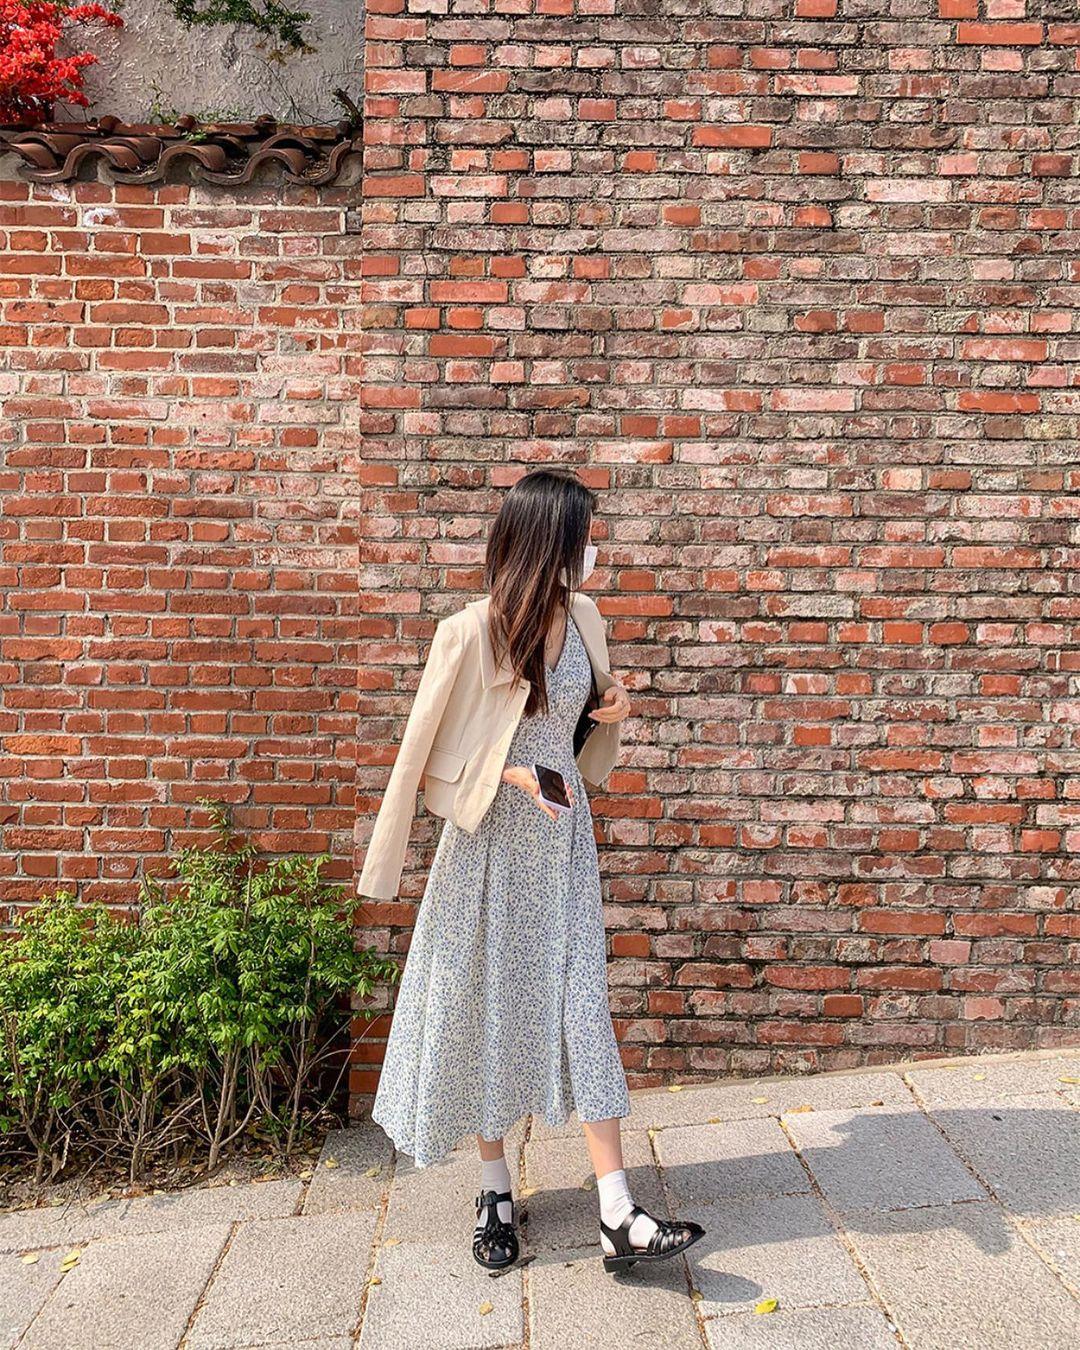 10 công thức diện váy hoa xinh mê tơi từ hội gái Hàn, phải lưu ngay để Hè này còn áp dụng - Ảnh 7